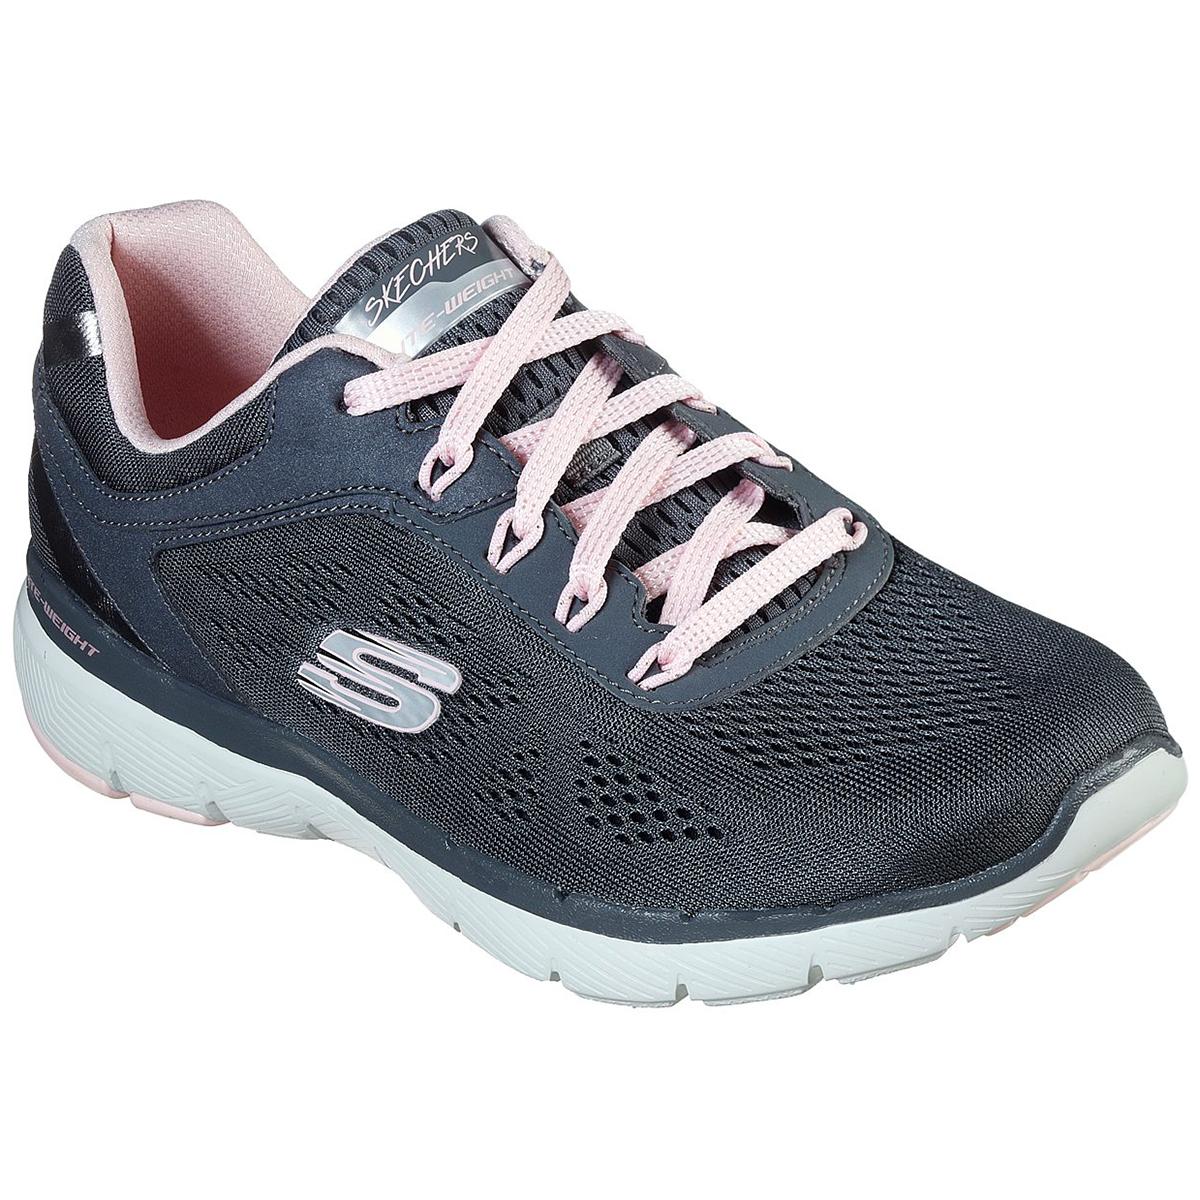 Skechers Women's Flex Appeal 3.0 Sneakers - Black, 8.5